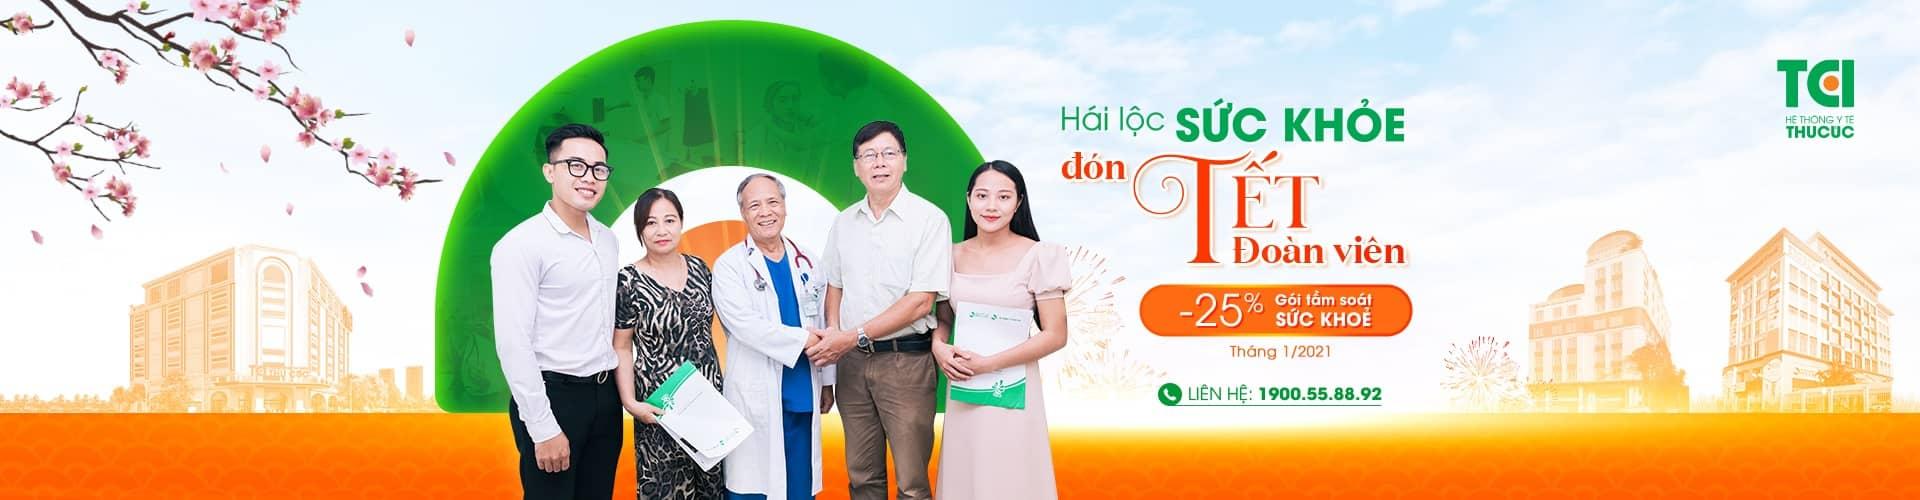 ưu đãi gói khám sức khỏe tháng 1/2021